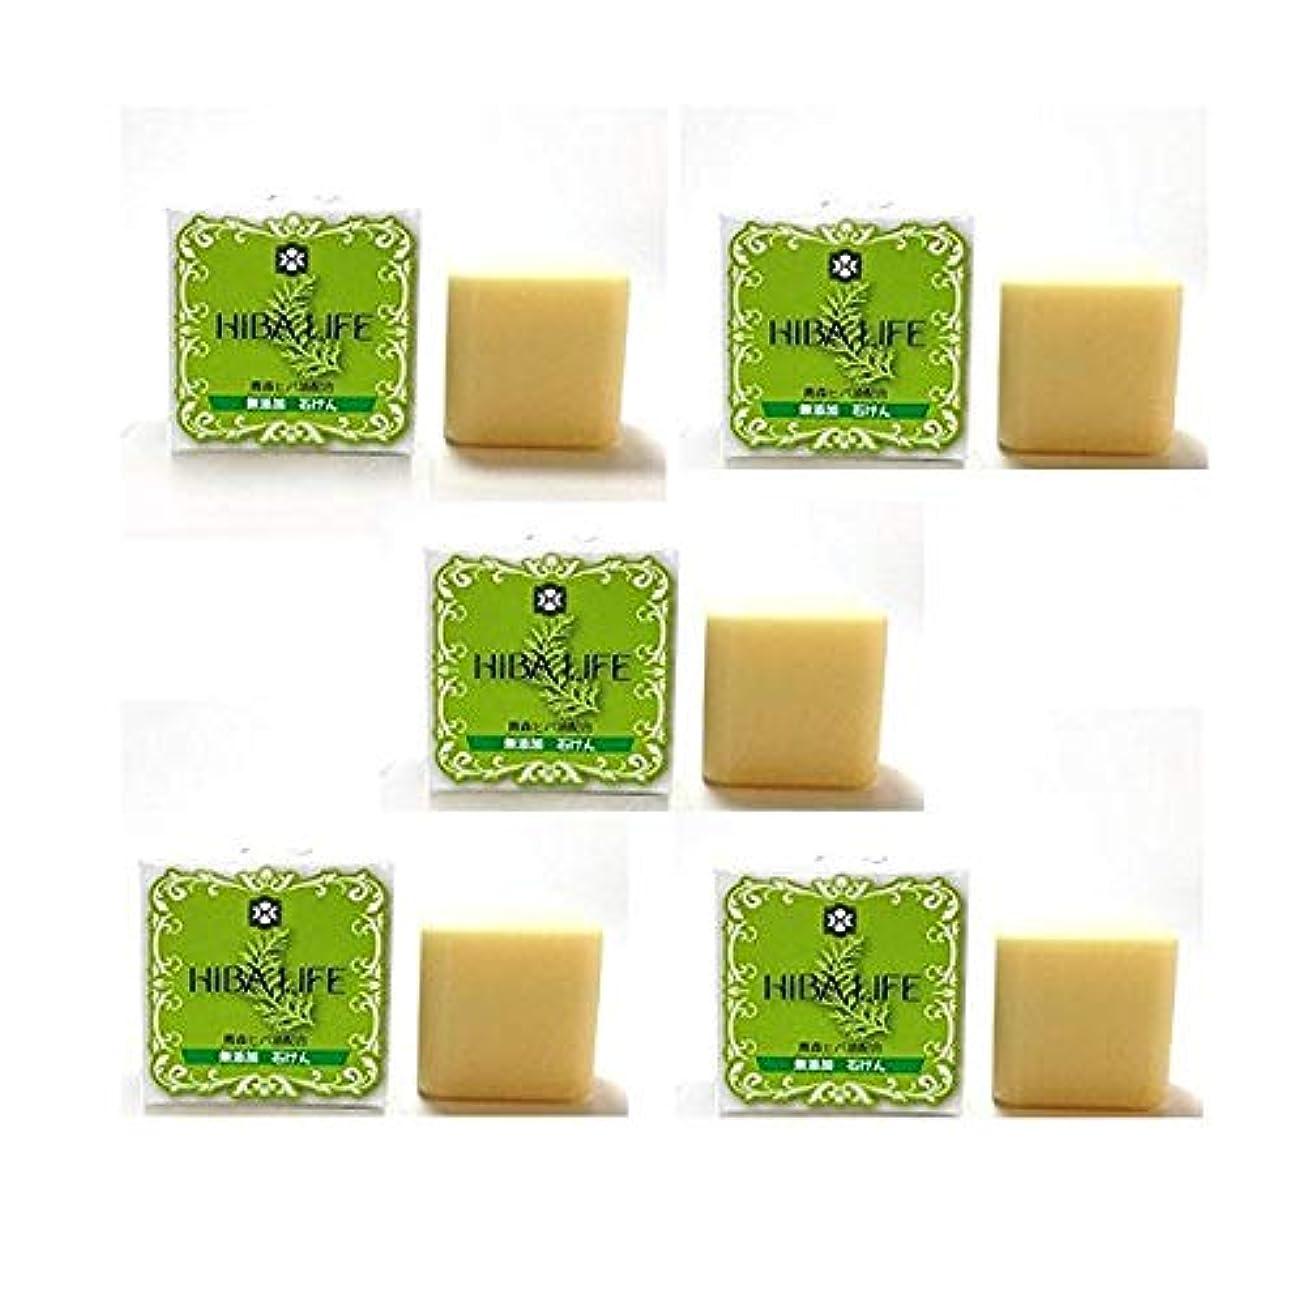 デュアルワーカー提供するヒバ石鹸 ひばの森化粧石鹸5個セット(100g×5個) 青森ヒバ精油配合の無添加ひば石鹸